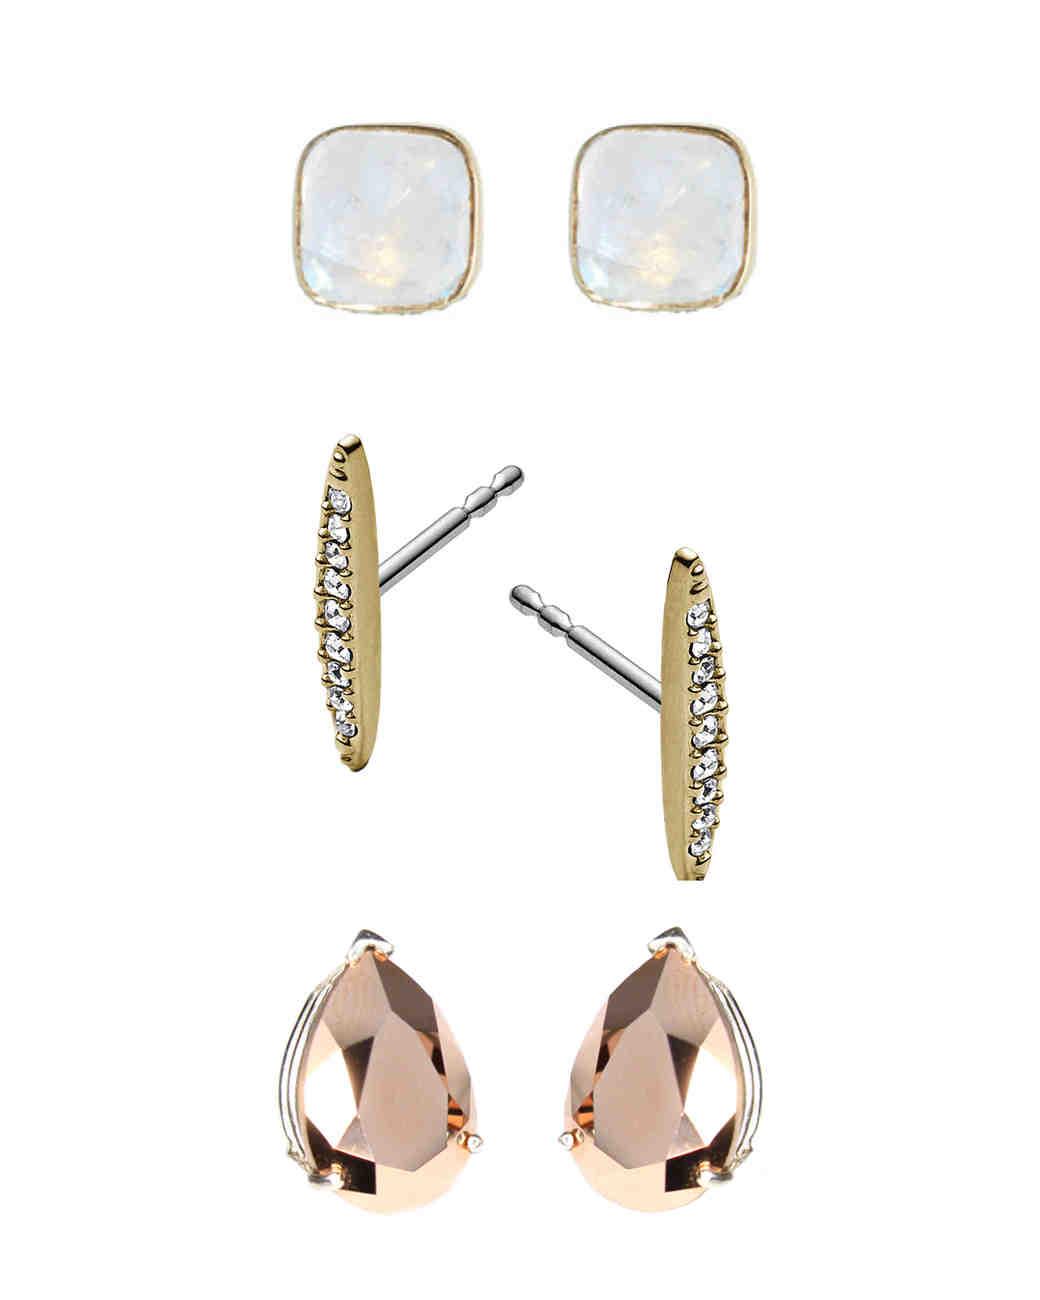 bridal-accessories-under-100-stud-earrings-0714.jpg